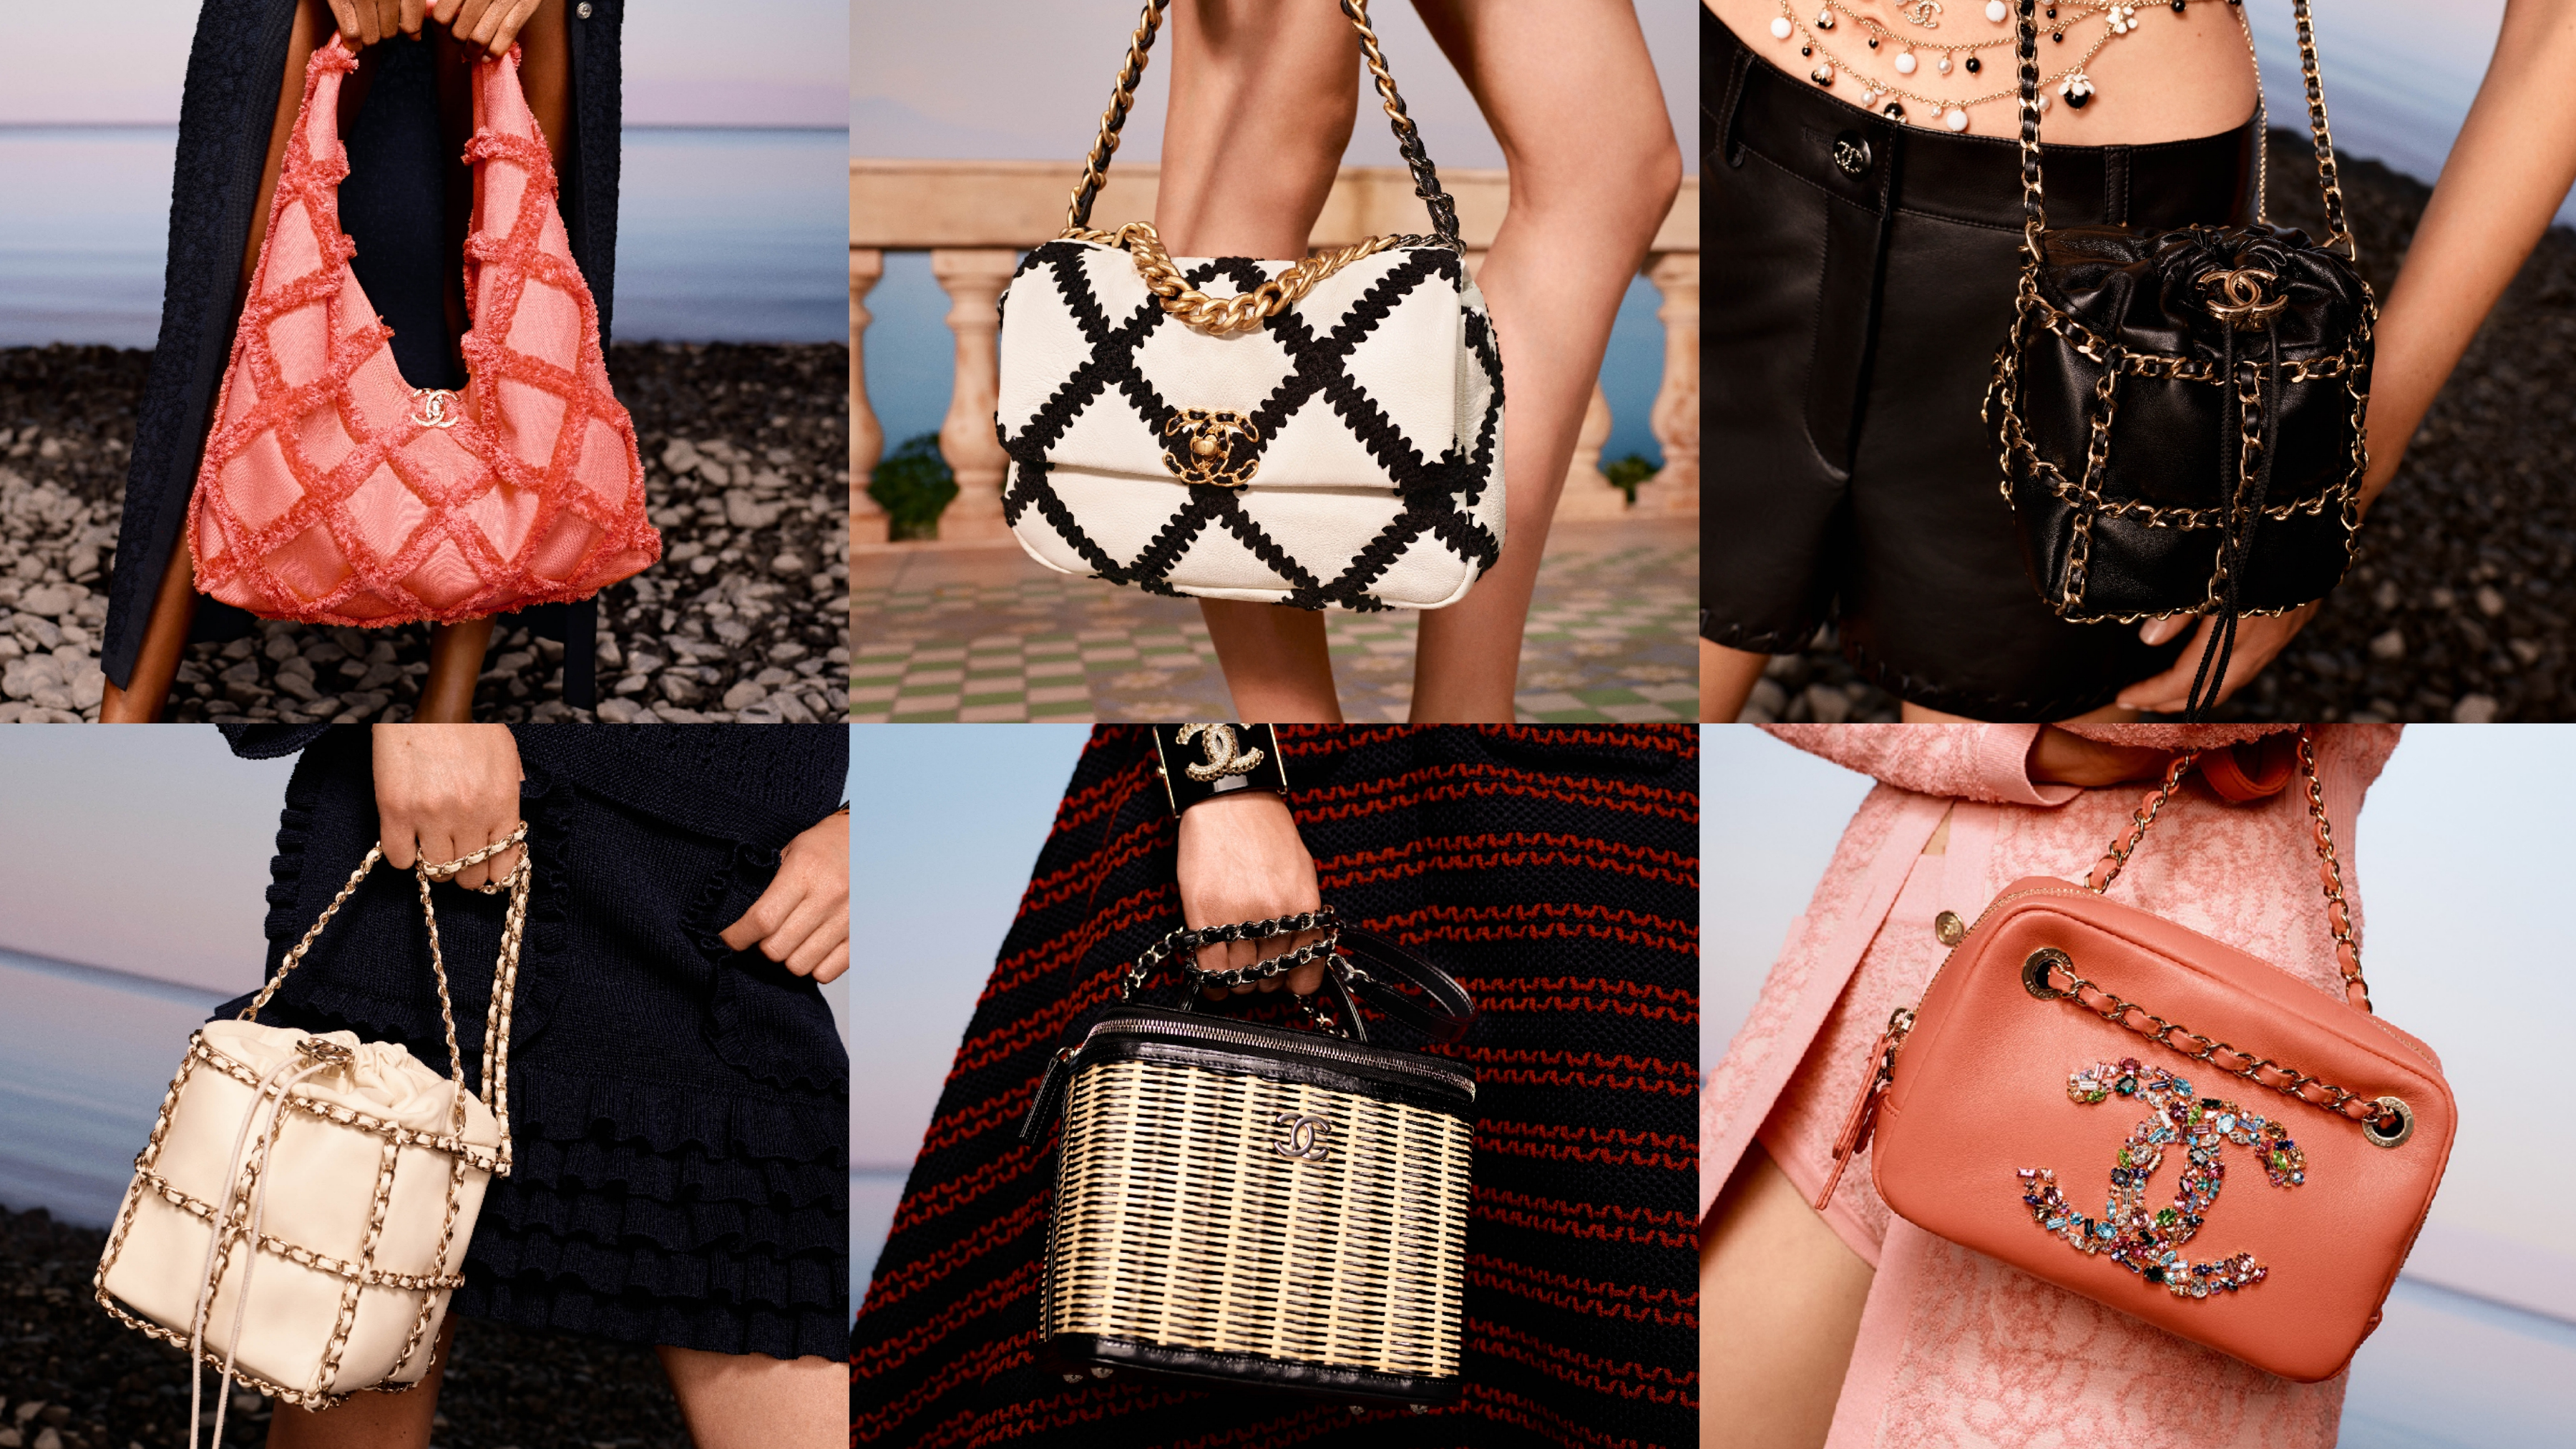 香奈儿2020梦幻包款,链条包、19包、相机包、竹编箱、小方胖等